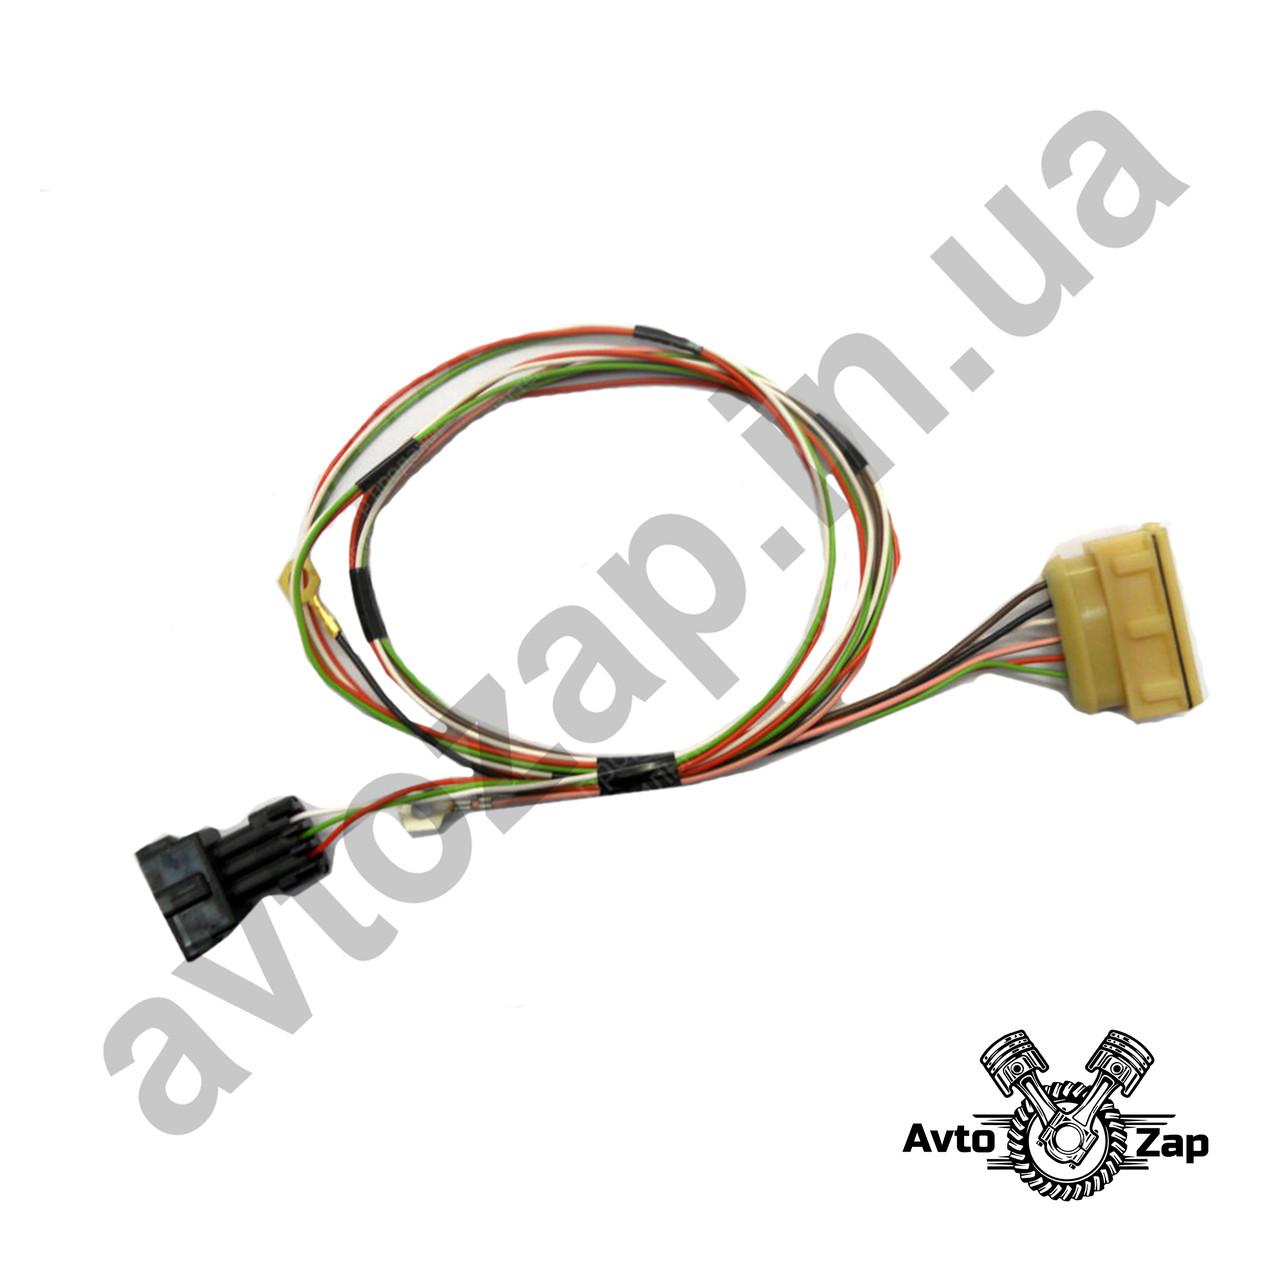 Жгут проводов коммутатора,системы зажигания ВАЗ 2101-07, 7 контактов . 22646